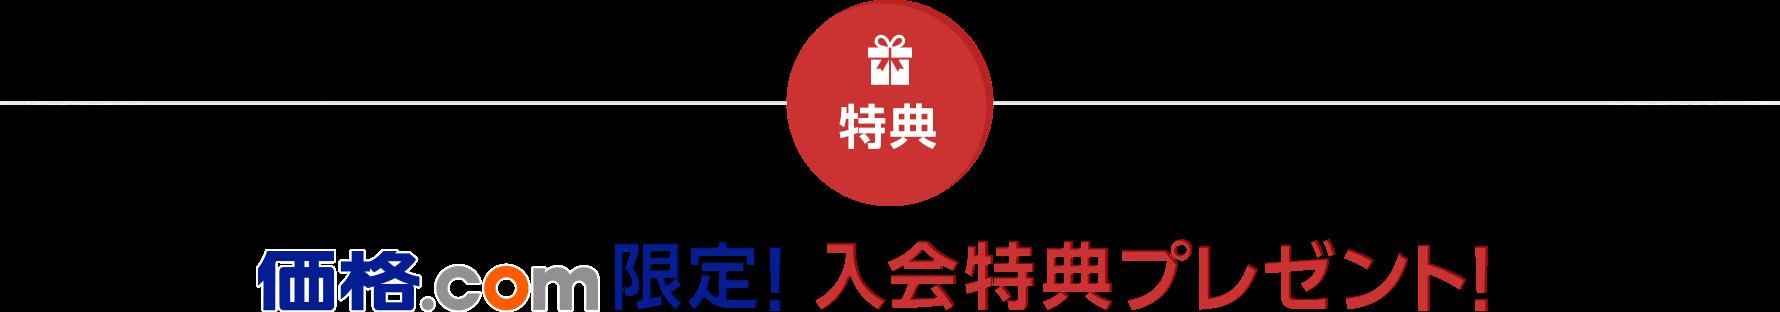 特典 価格.com限定!入会特典プレゼント!